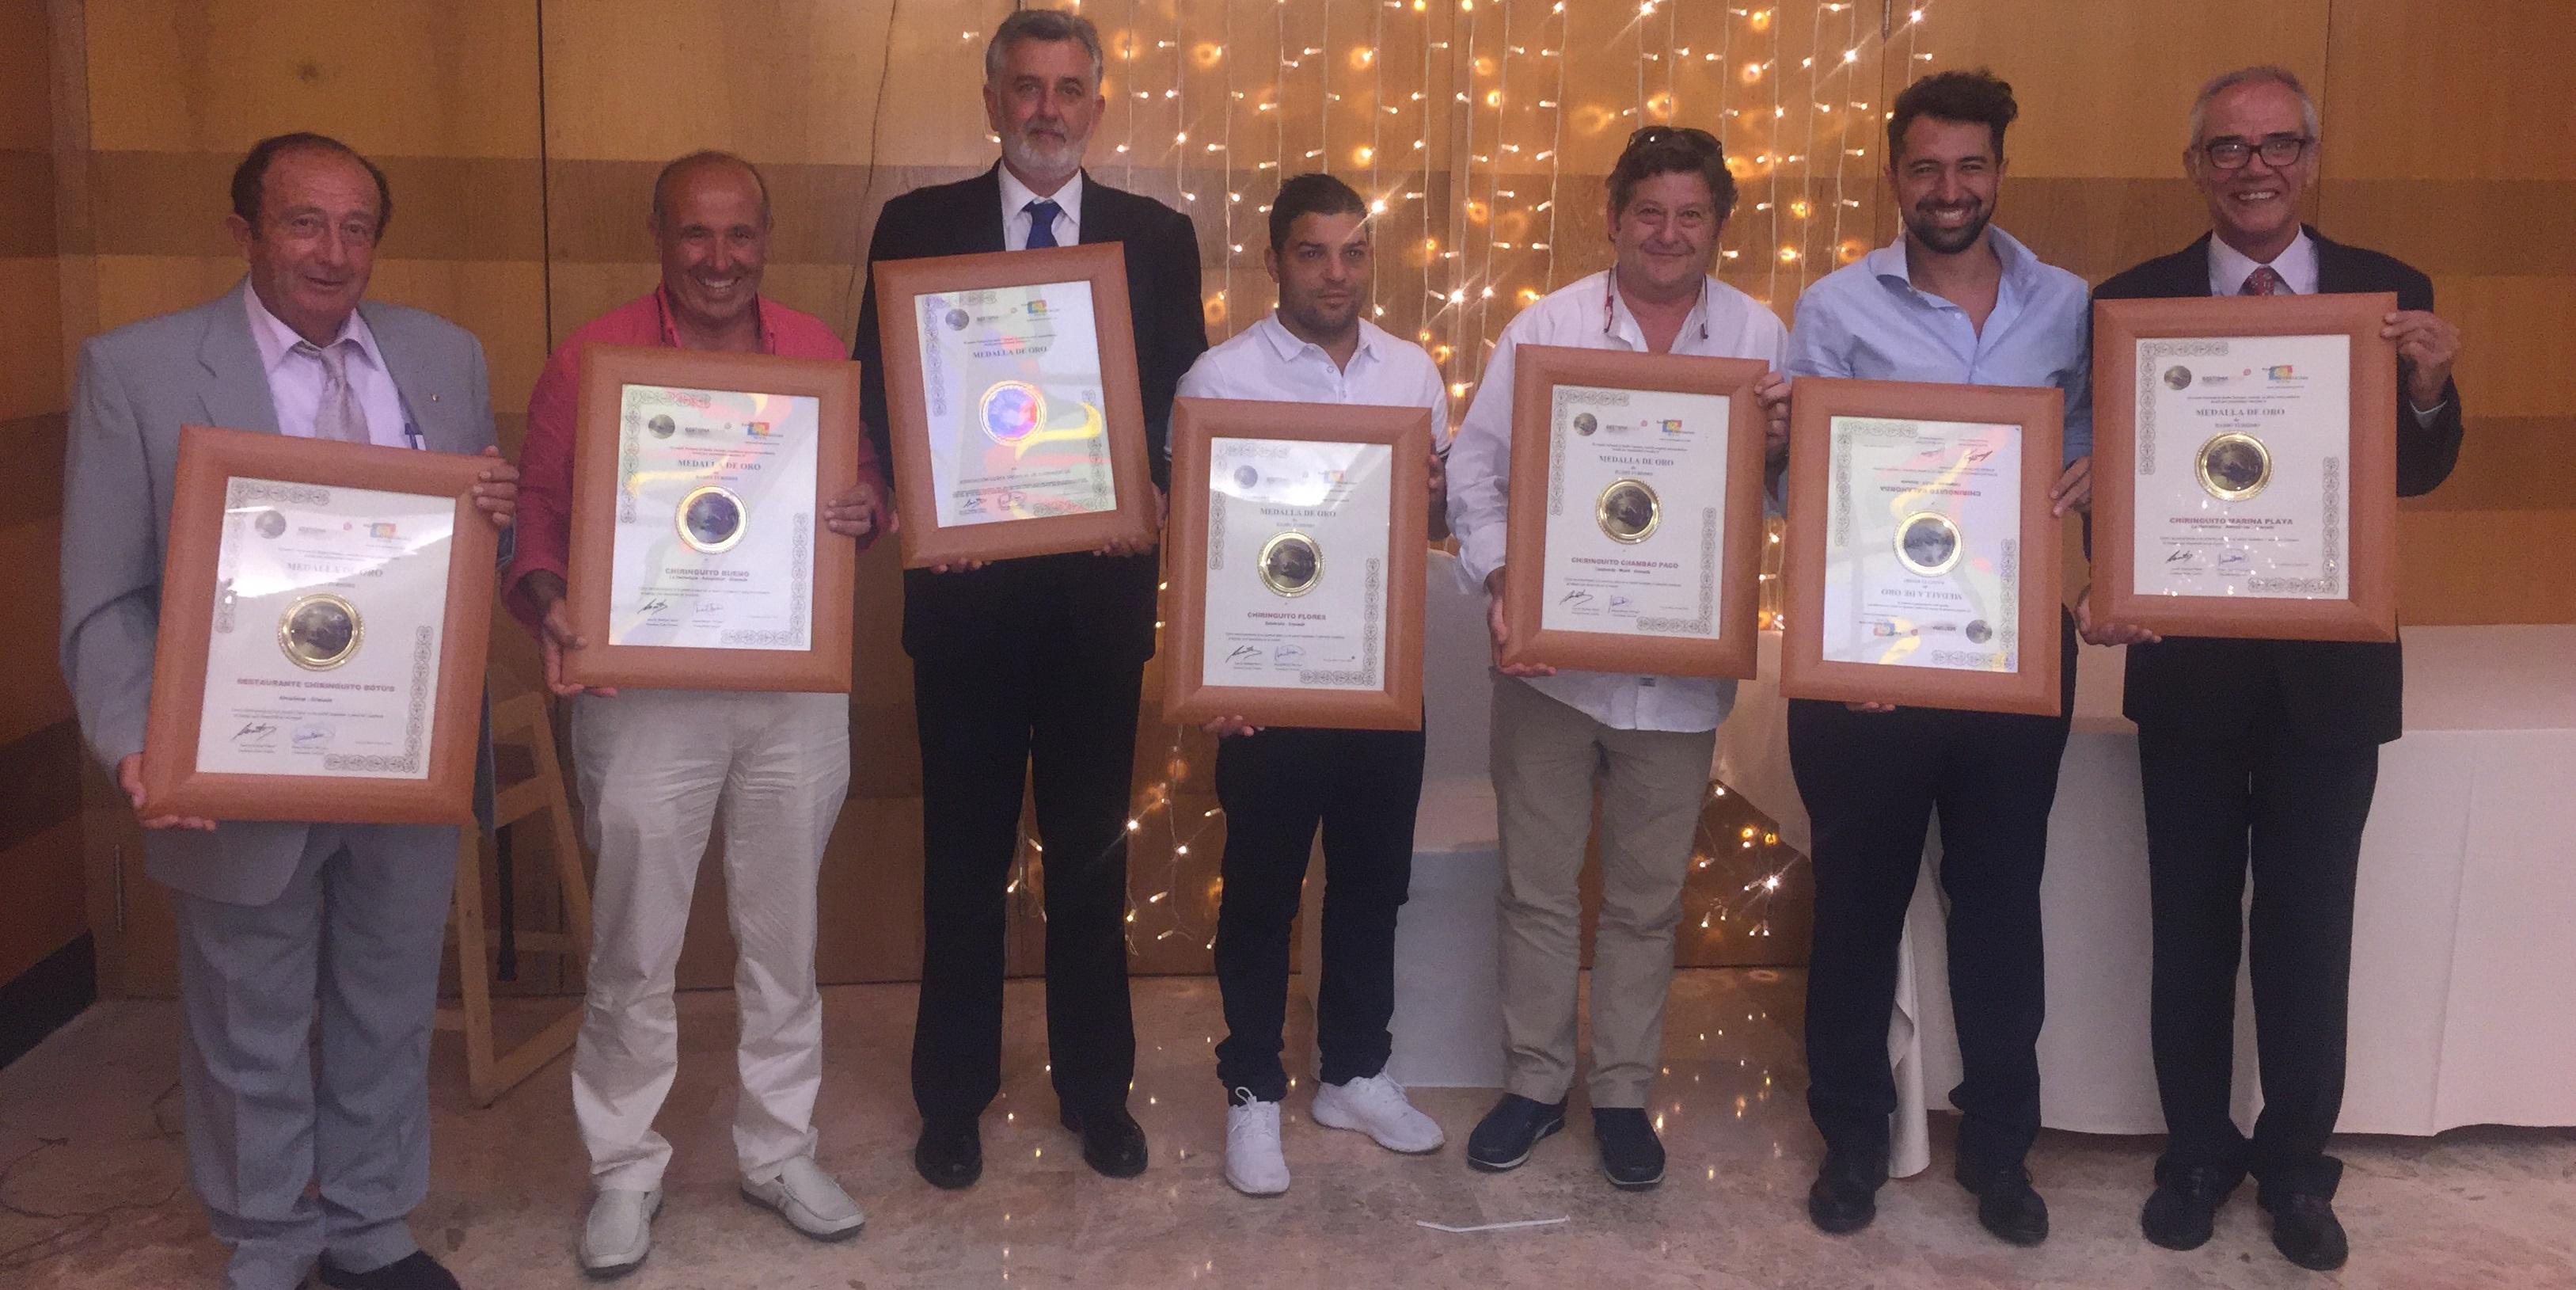 Ocho chiringuitos de la Costa Tropical galardonados con la medalla de oro de Radio Turismo